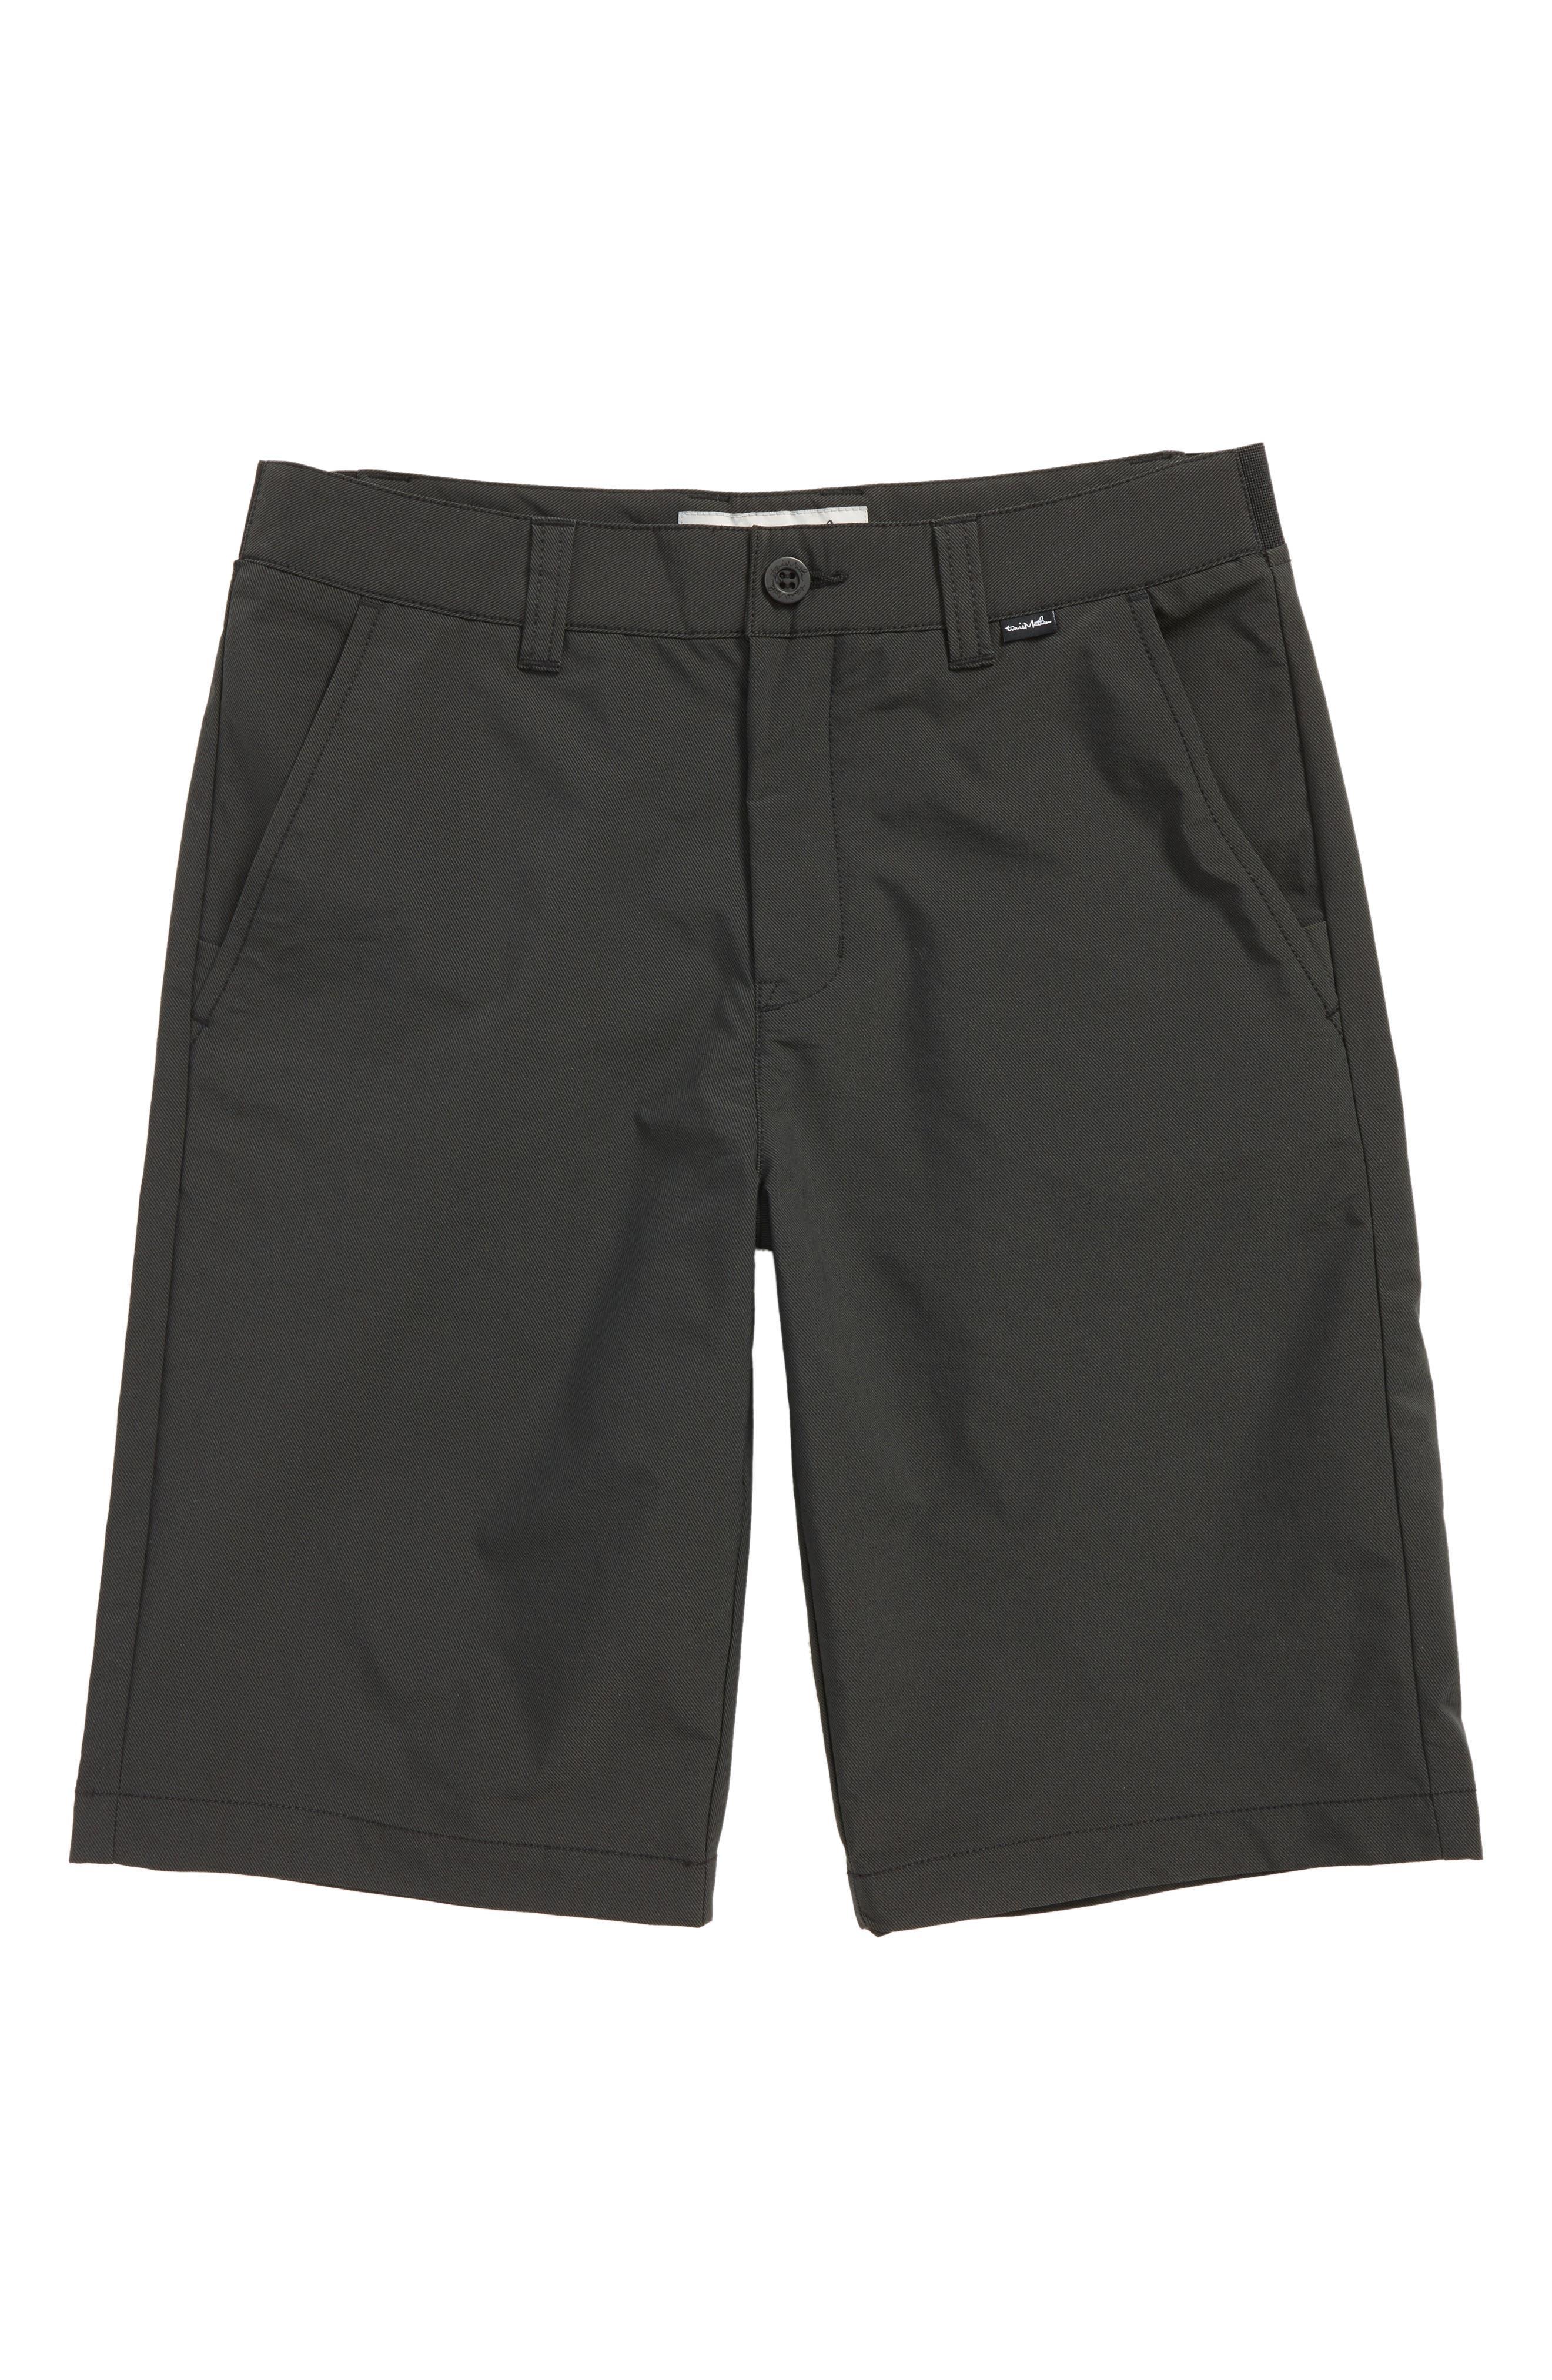 Travis Mathew Hef Flex Shorts (Big Boys)